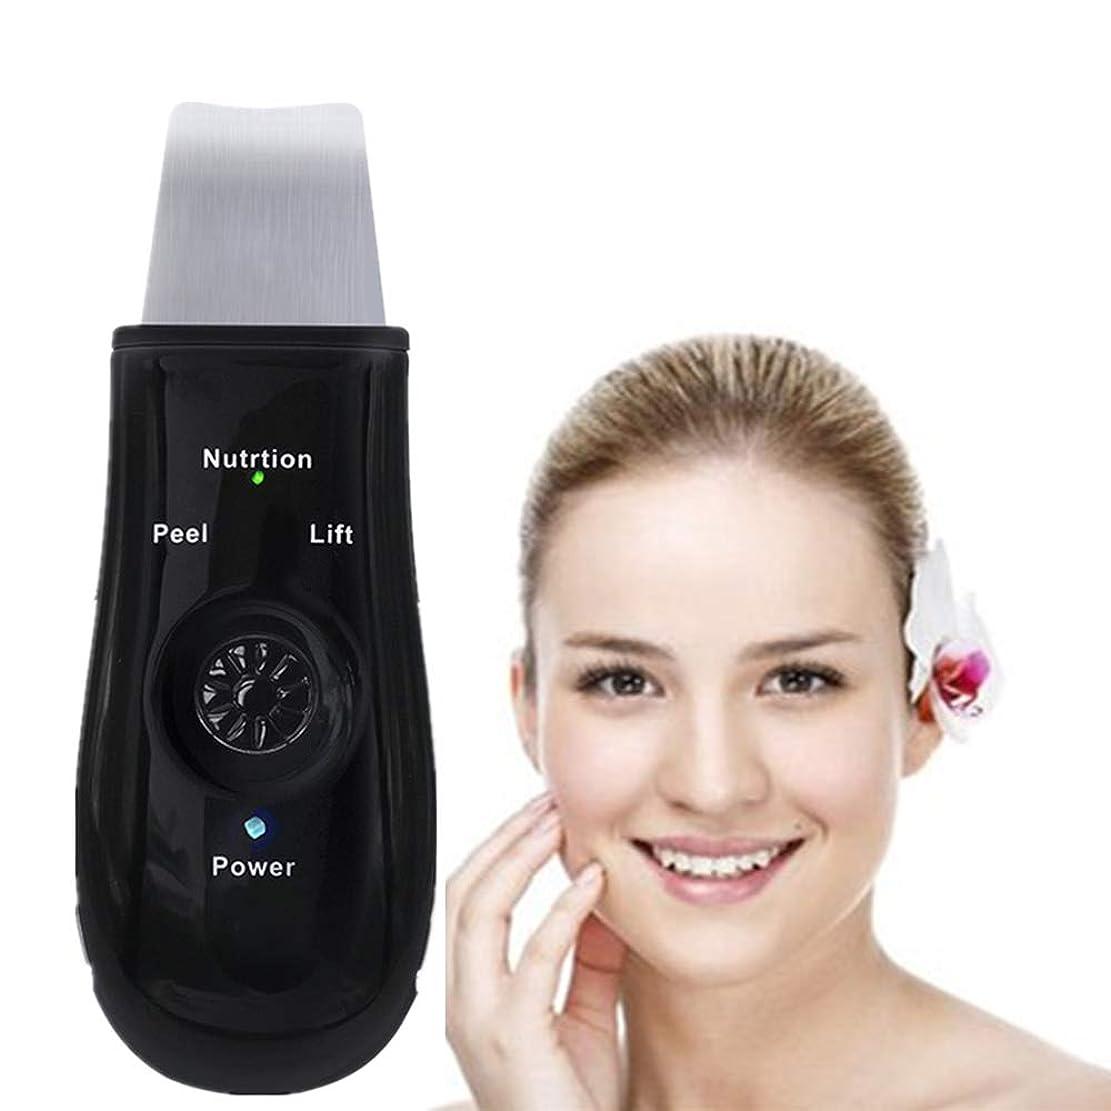 耐えるに賛成理想的充電式 - 黒の除去機のUSBピーリングリフティングEMSクレンジングエクスフォリエイティングスキンケアピーリングと顔の皮膚のスクラバーピール毛穴ツール装置ブラックヘッドリムーバー毛穴の掃除機